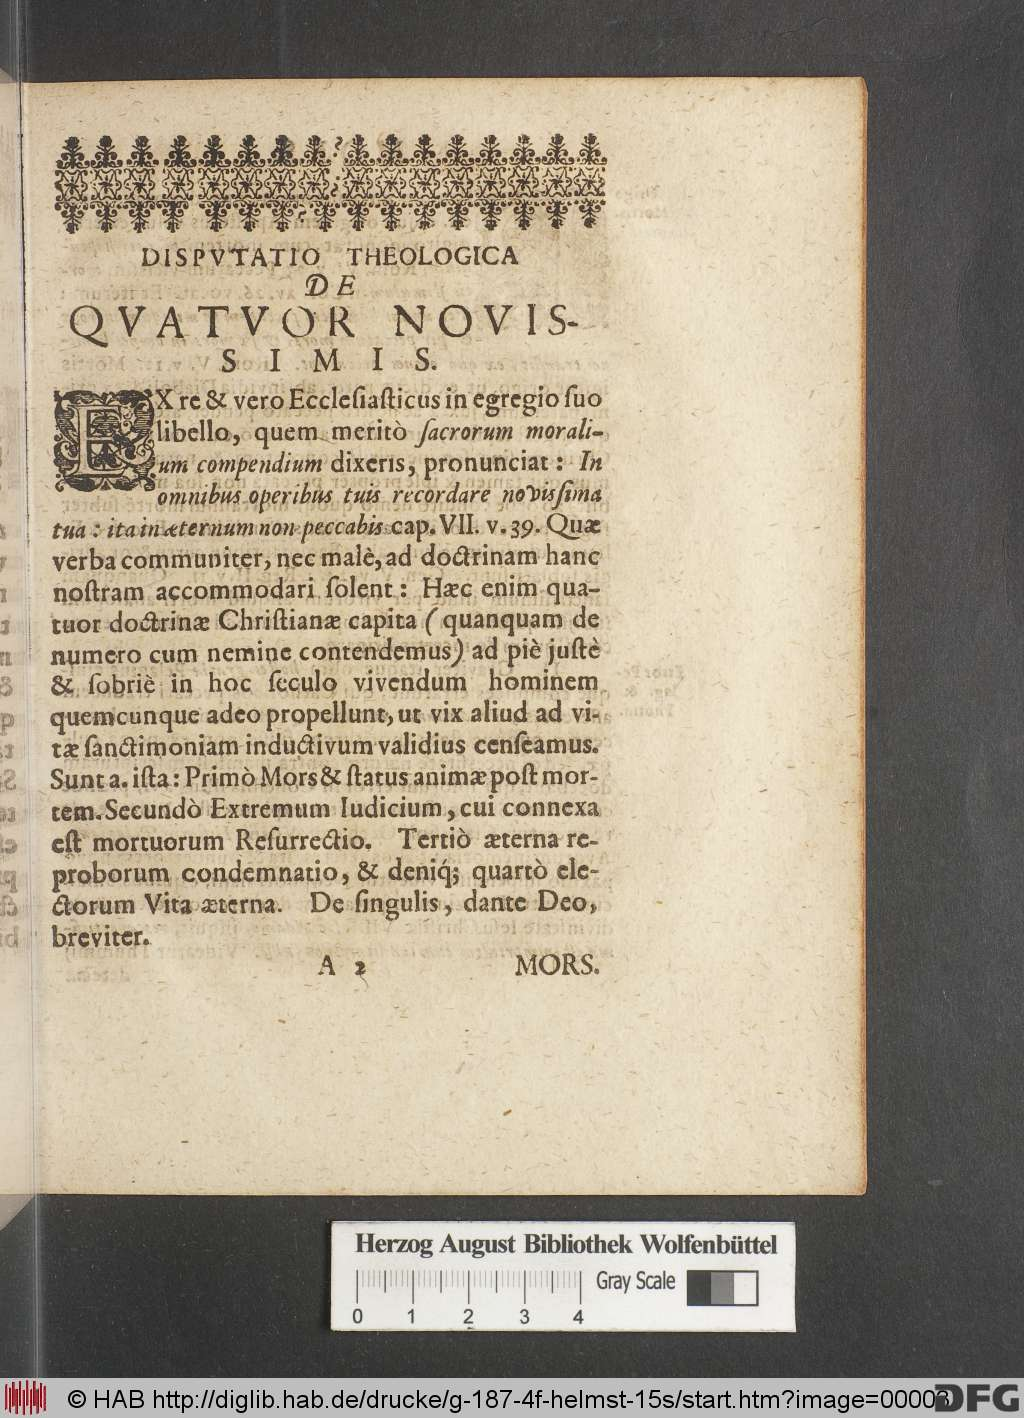 http://diglib.hab.de/drucke/g-187-4f-helmst-15s/00003.jpg